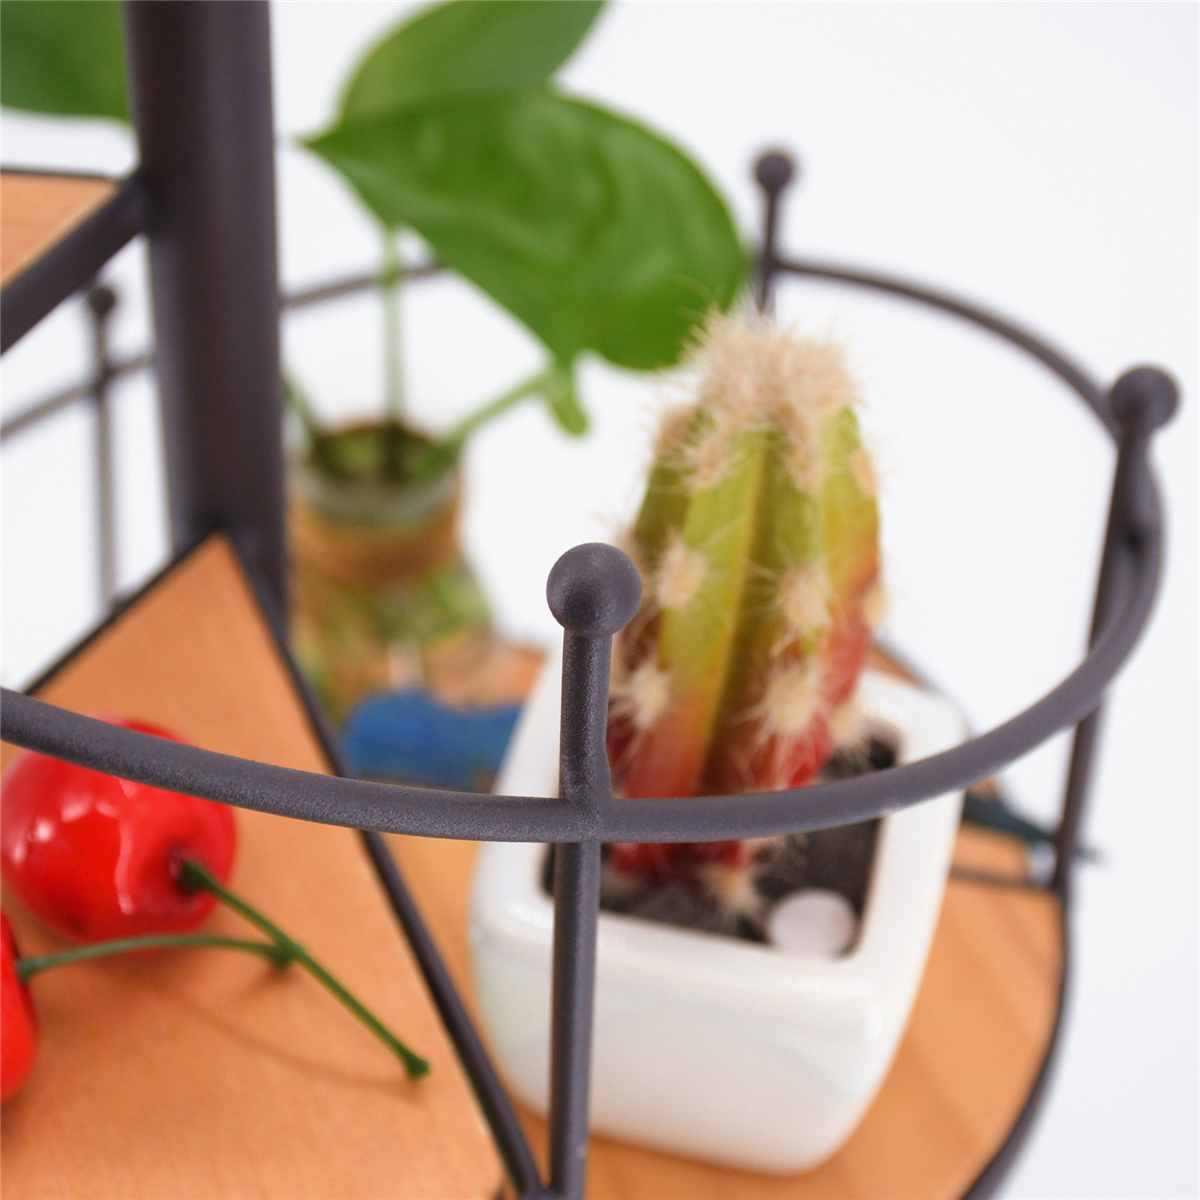 8 ชั้นเหล็กบันไดพืช Rack ขาตั้งโลหะพืช Succulent ชั้นวางของ Desktop สวนดอกไม้ตกแต่งไม้แผ่น